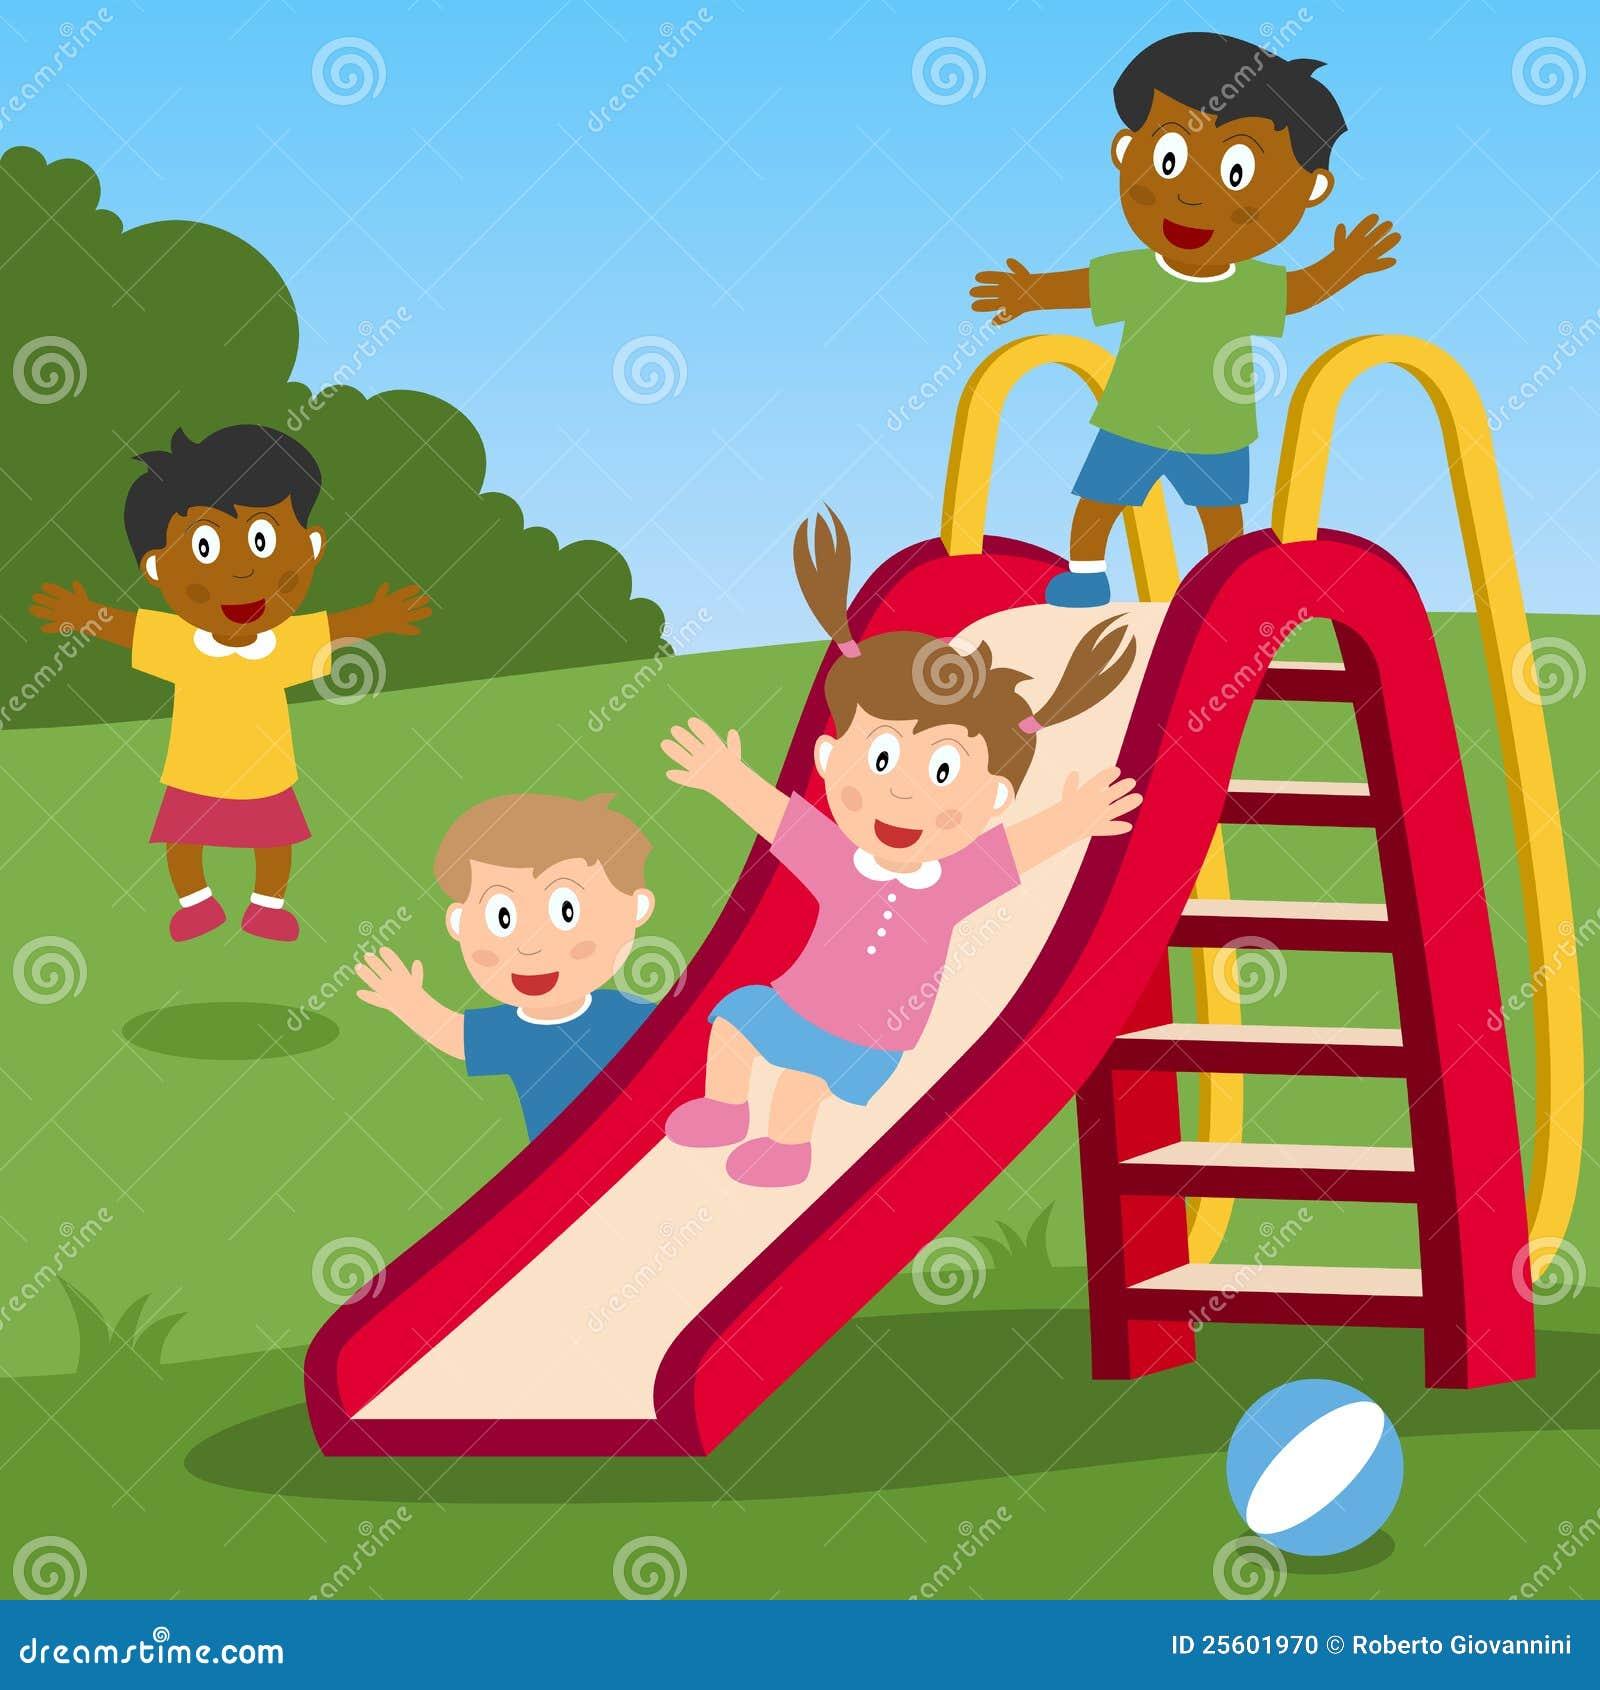 Fotografia stock: bambini che giocano sulla trasparenza